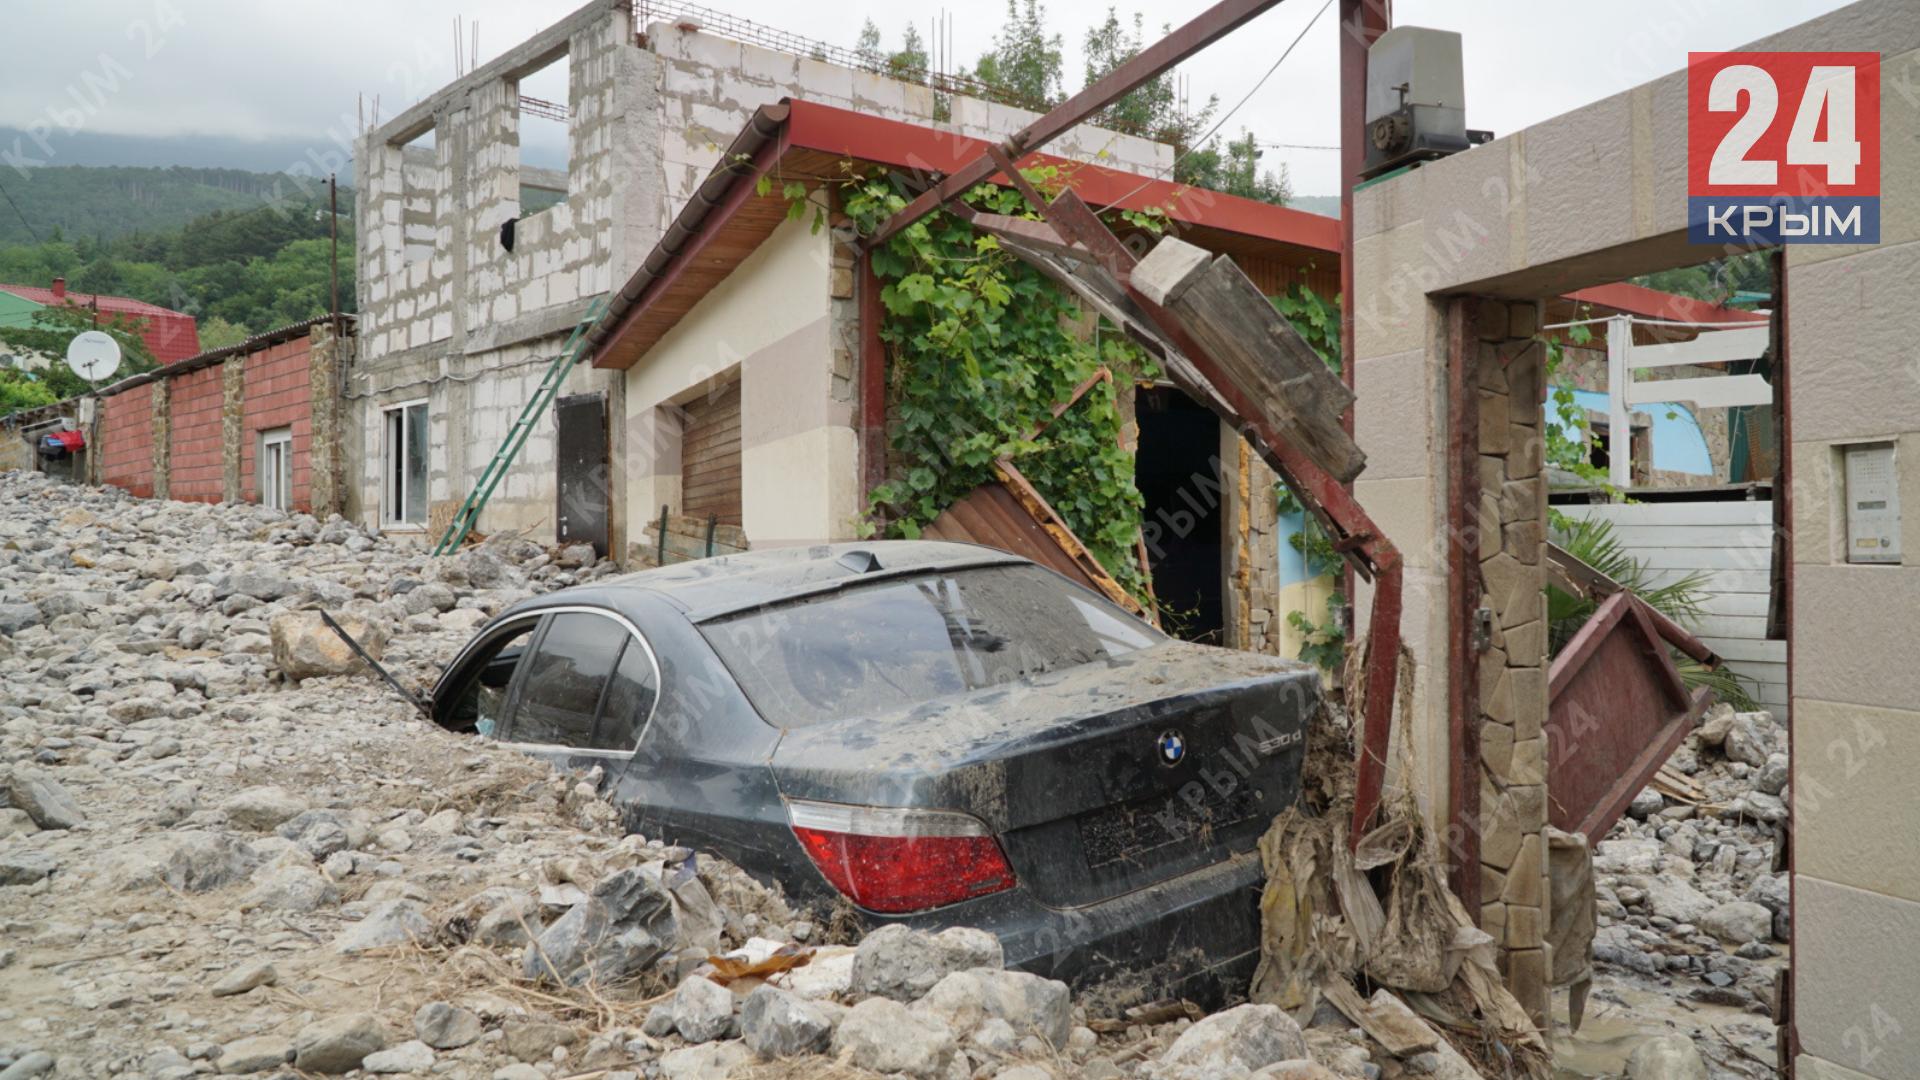 Крым может первым стать регионом, где разработают законодательную базу по компенсации ущерба за утраченные во время ЧС автомобили